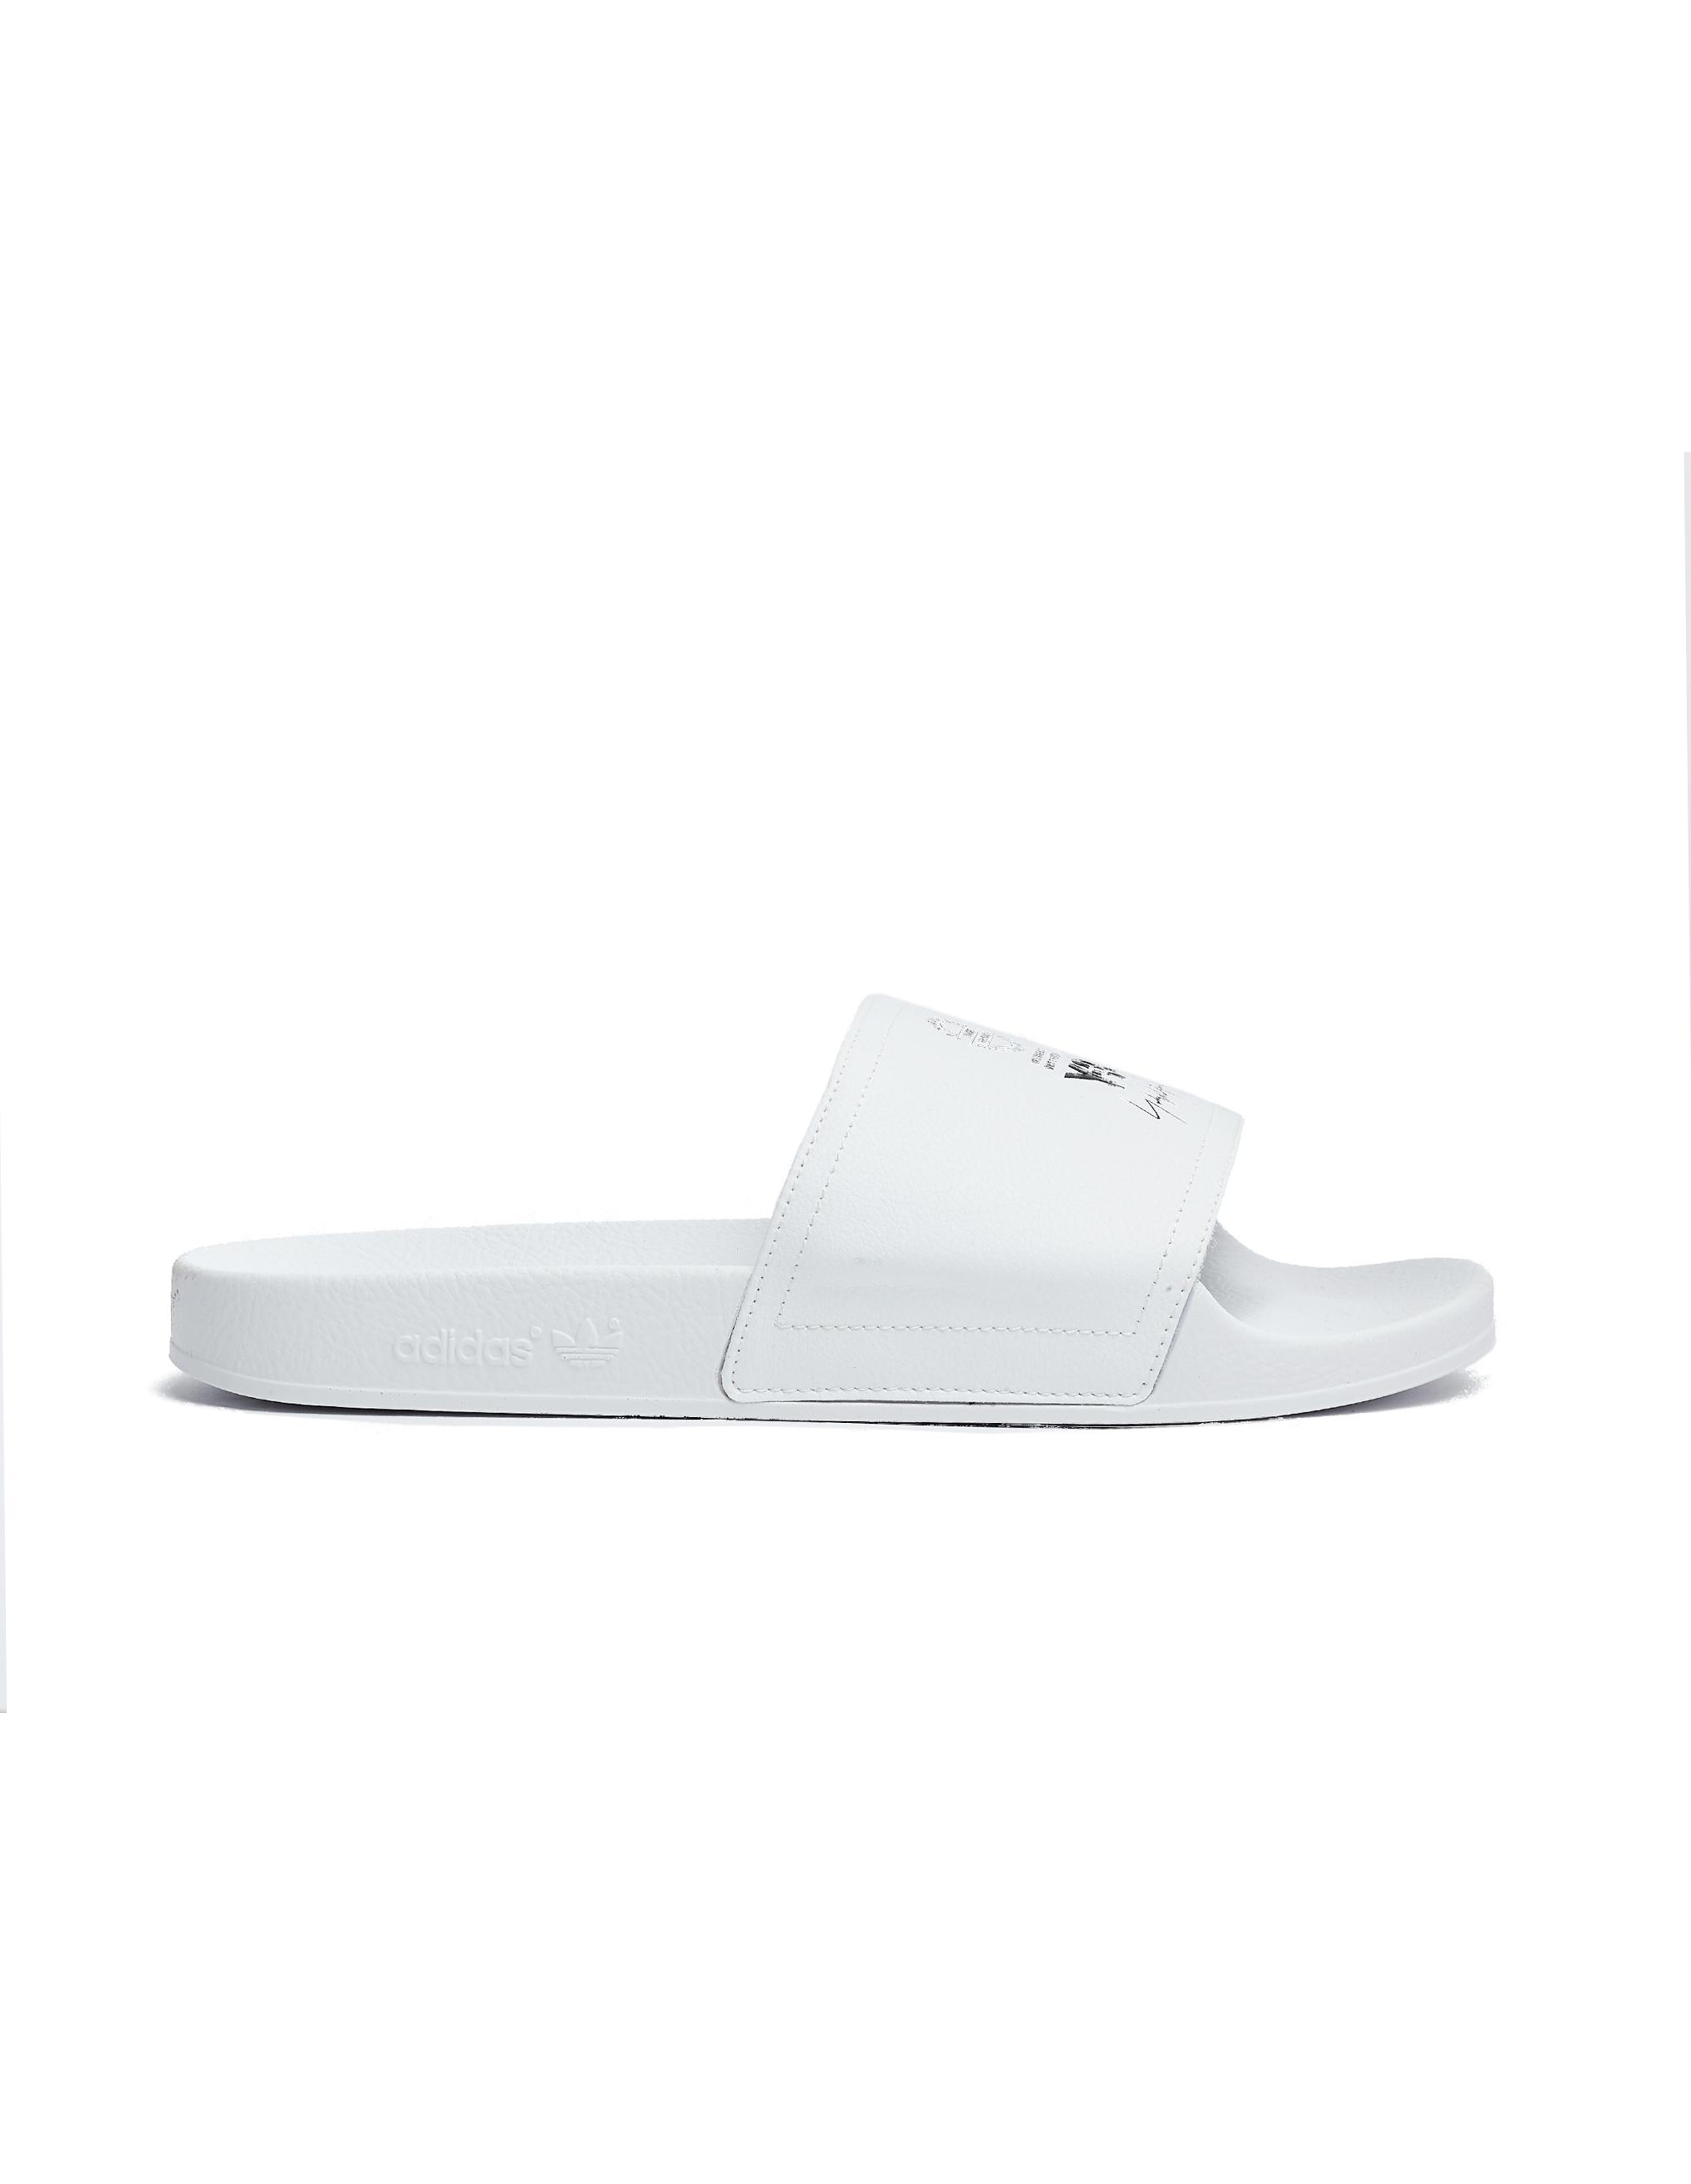 Y-3 White Leather Adilette Slides xoutEoDfE3